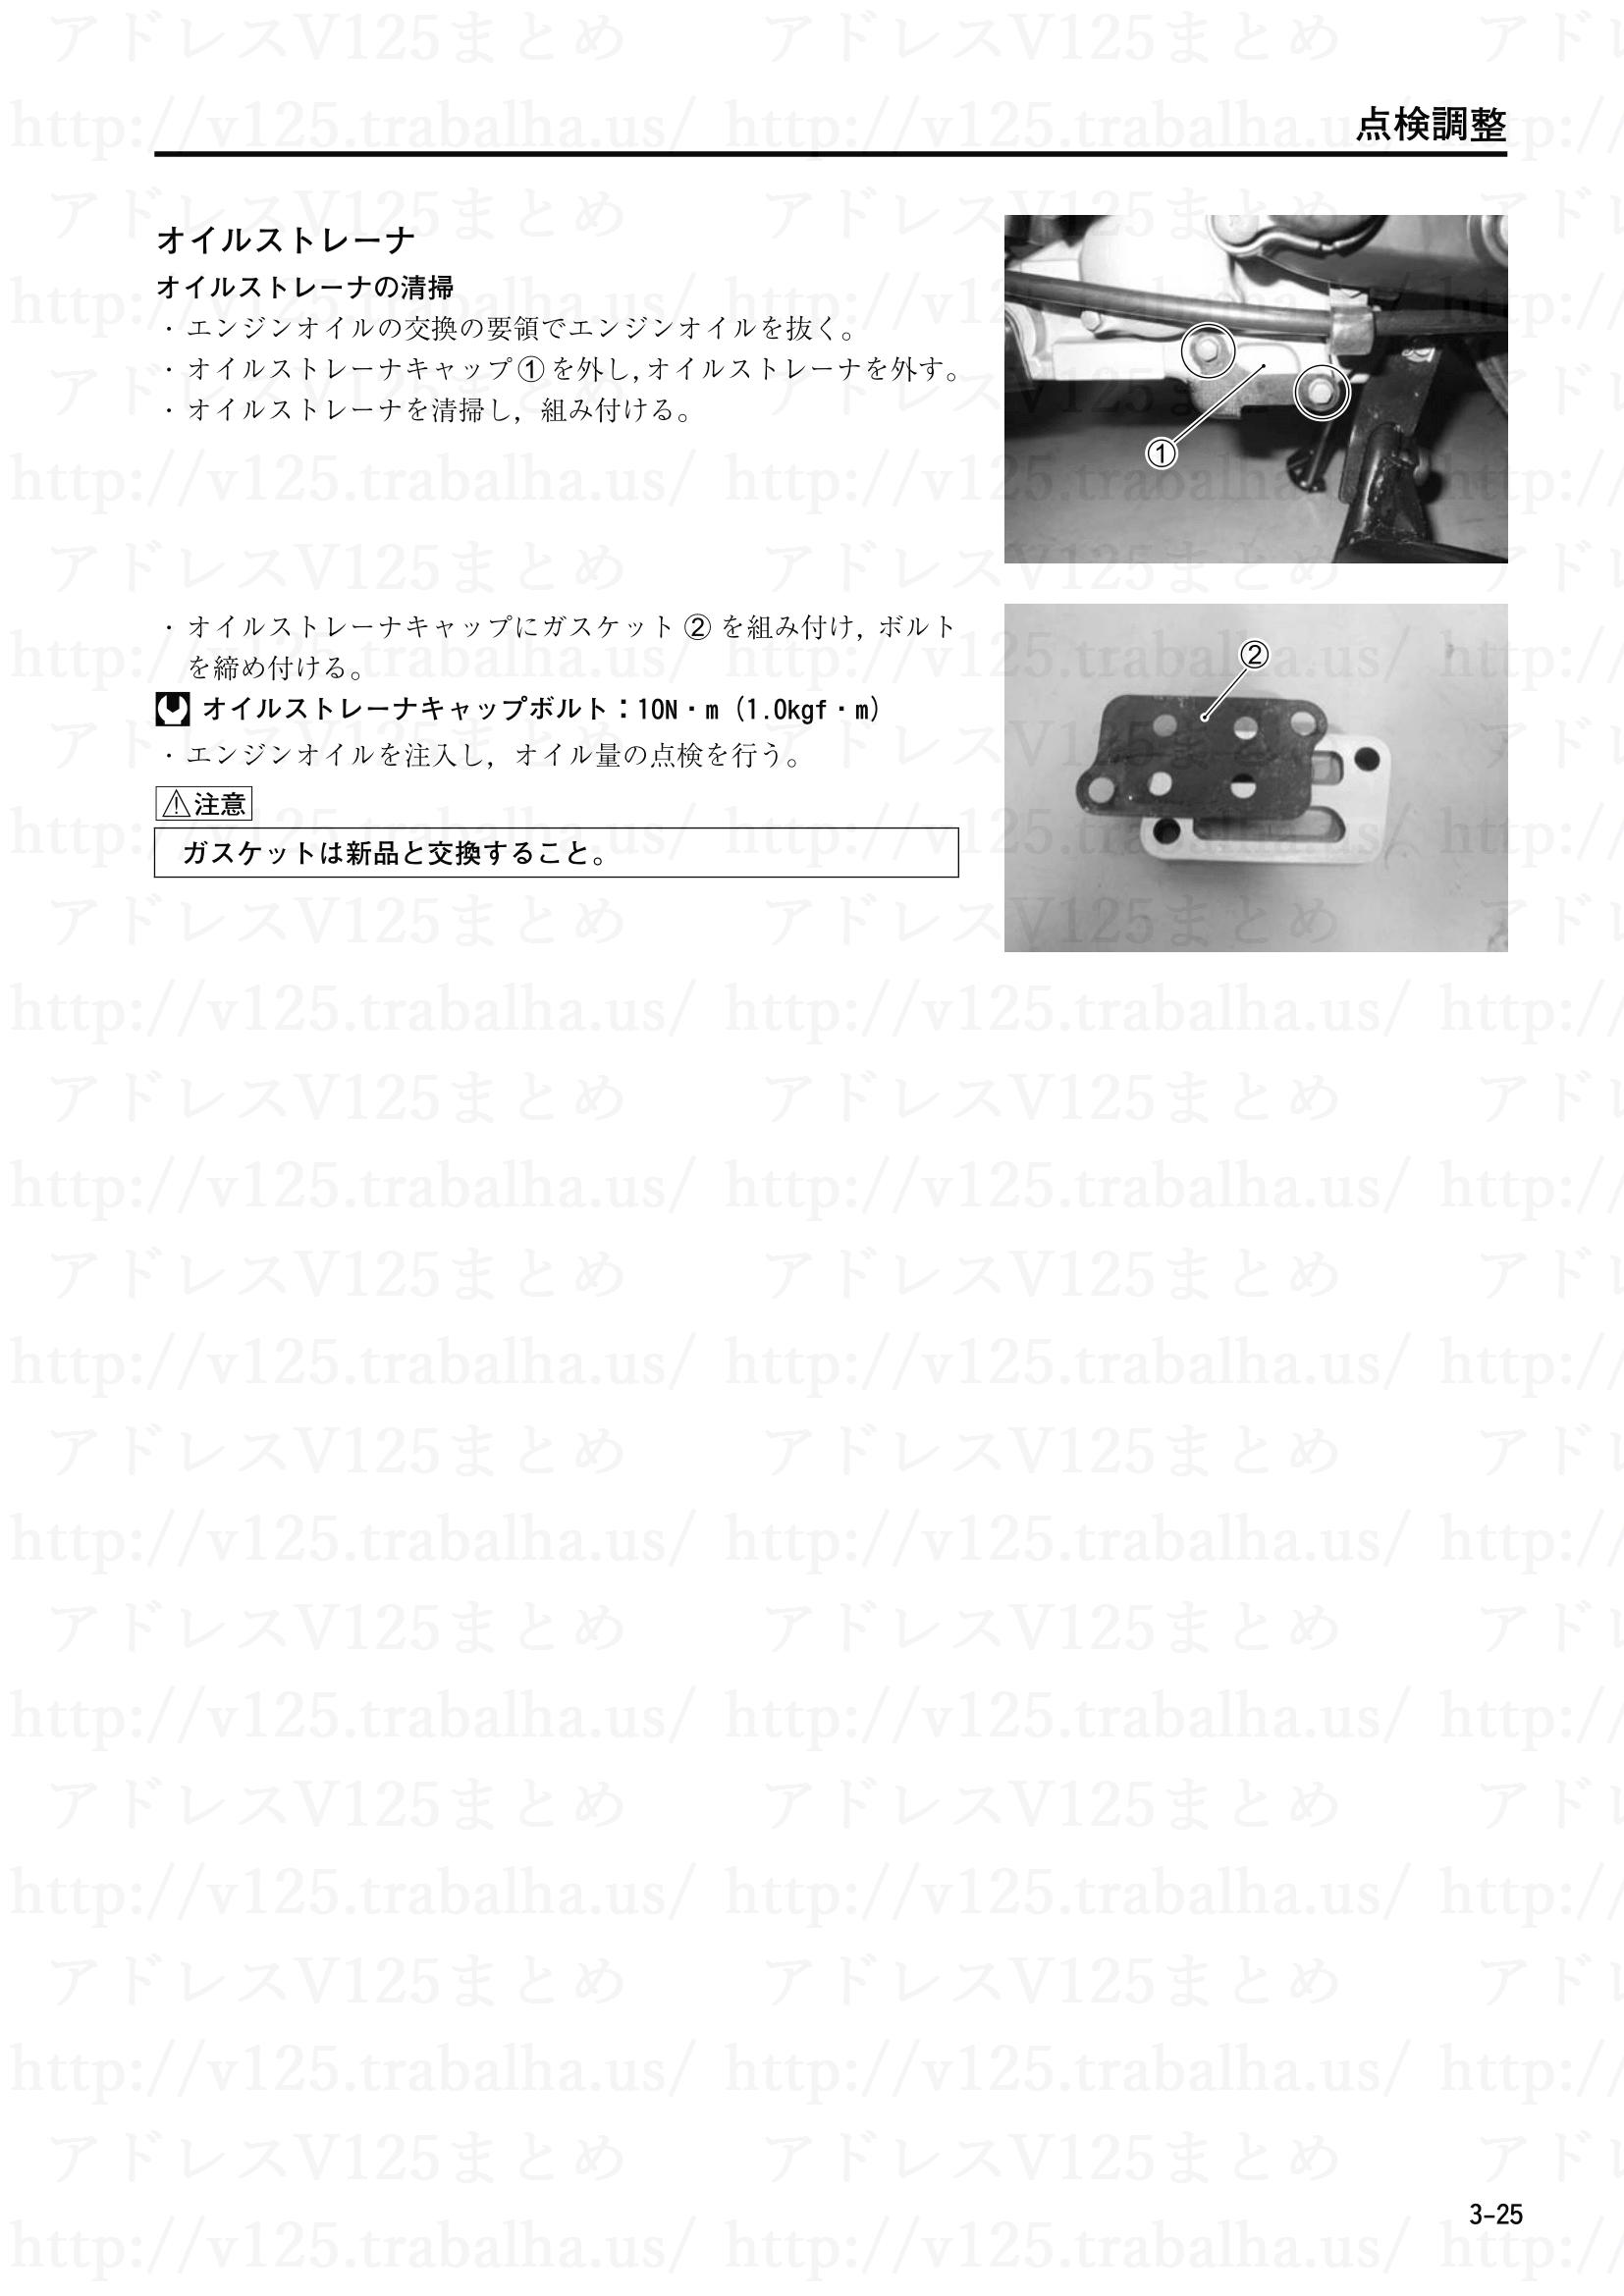 3-25【点検調整】原動機8